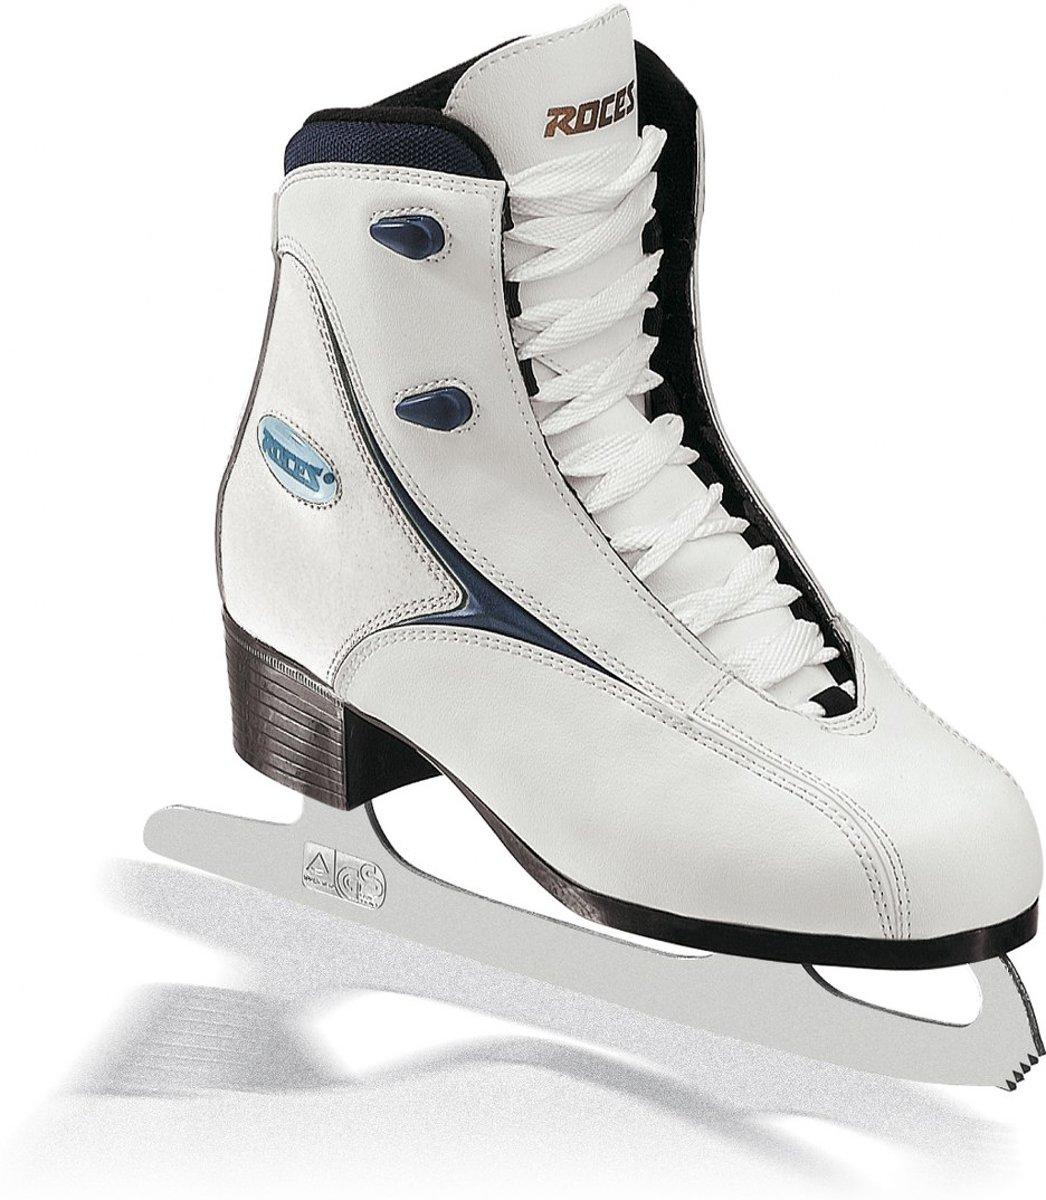 ROCES Kunstschaatsen RFG 1 Wit/Donkerblauw 37